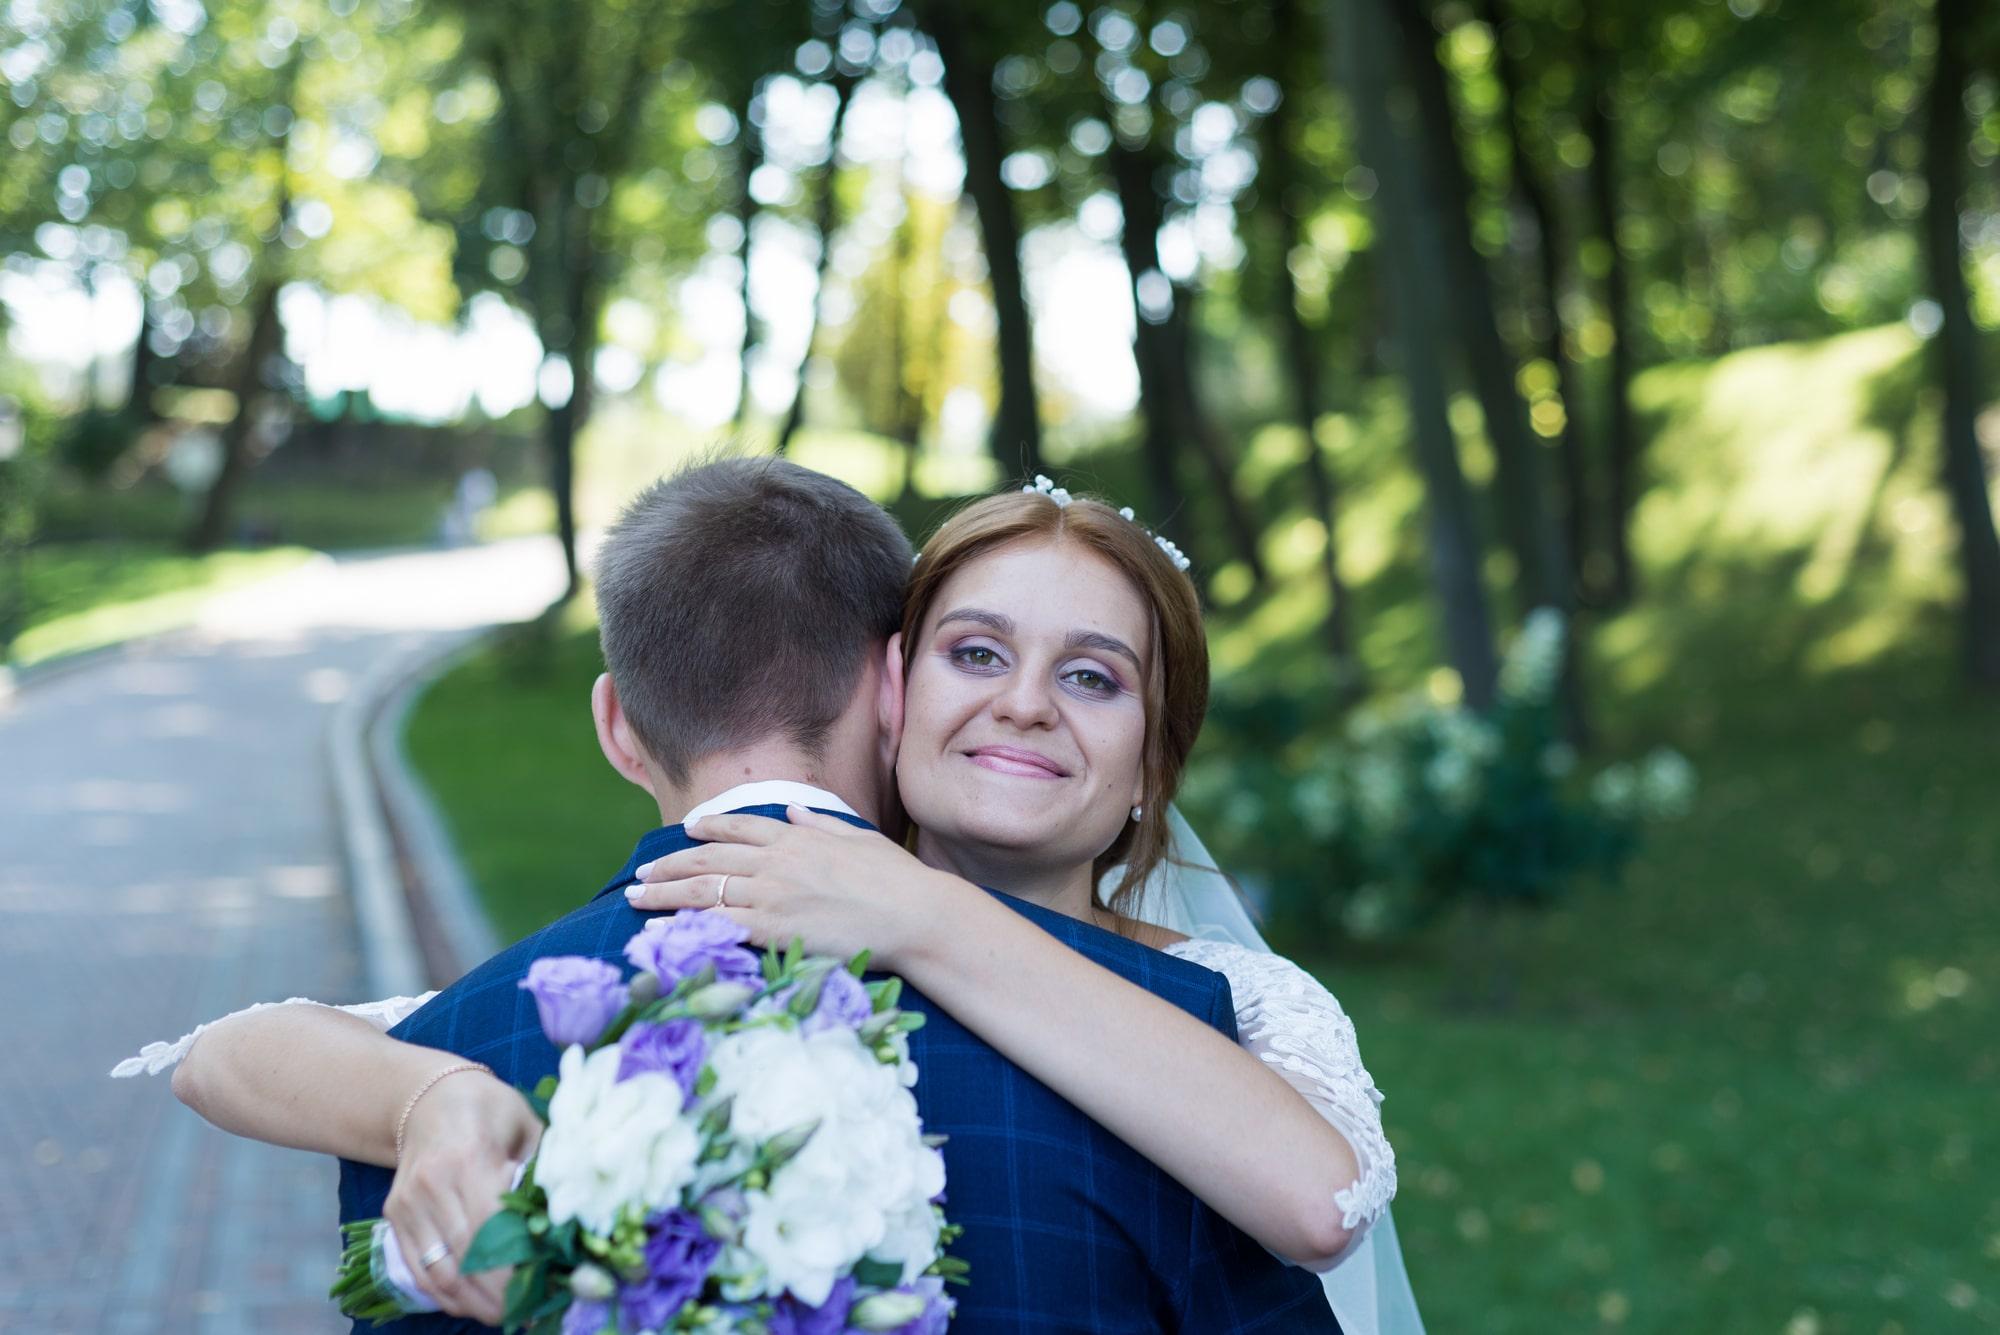 Свадебная фотосъемка в Межигорье - невеста обнимает жениха